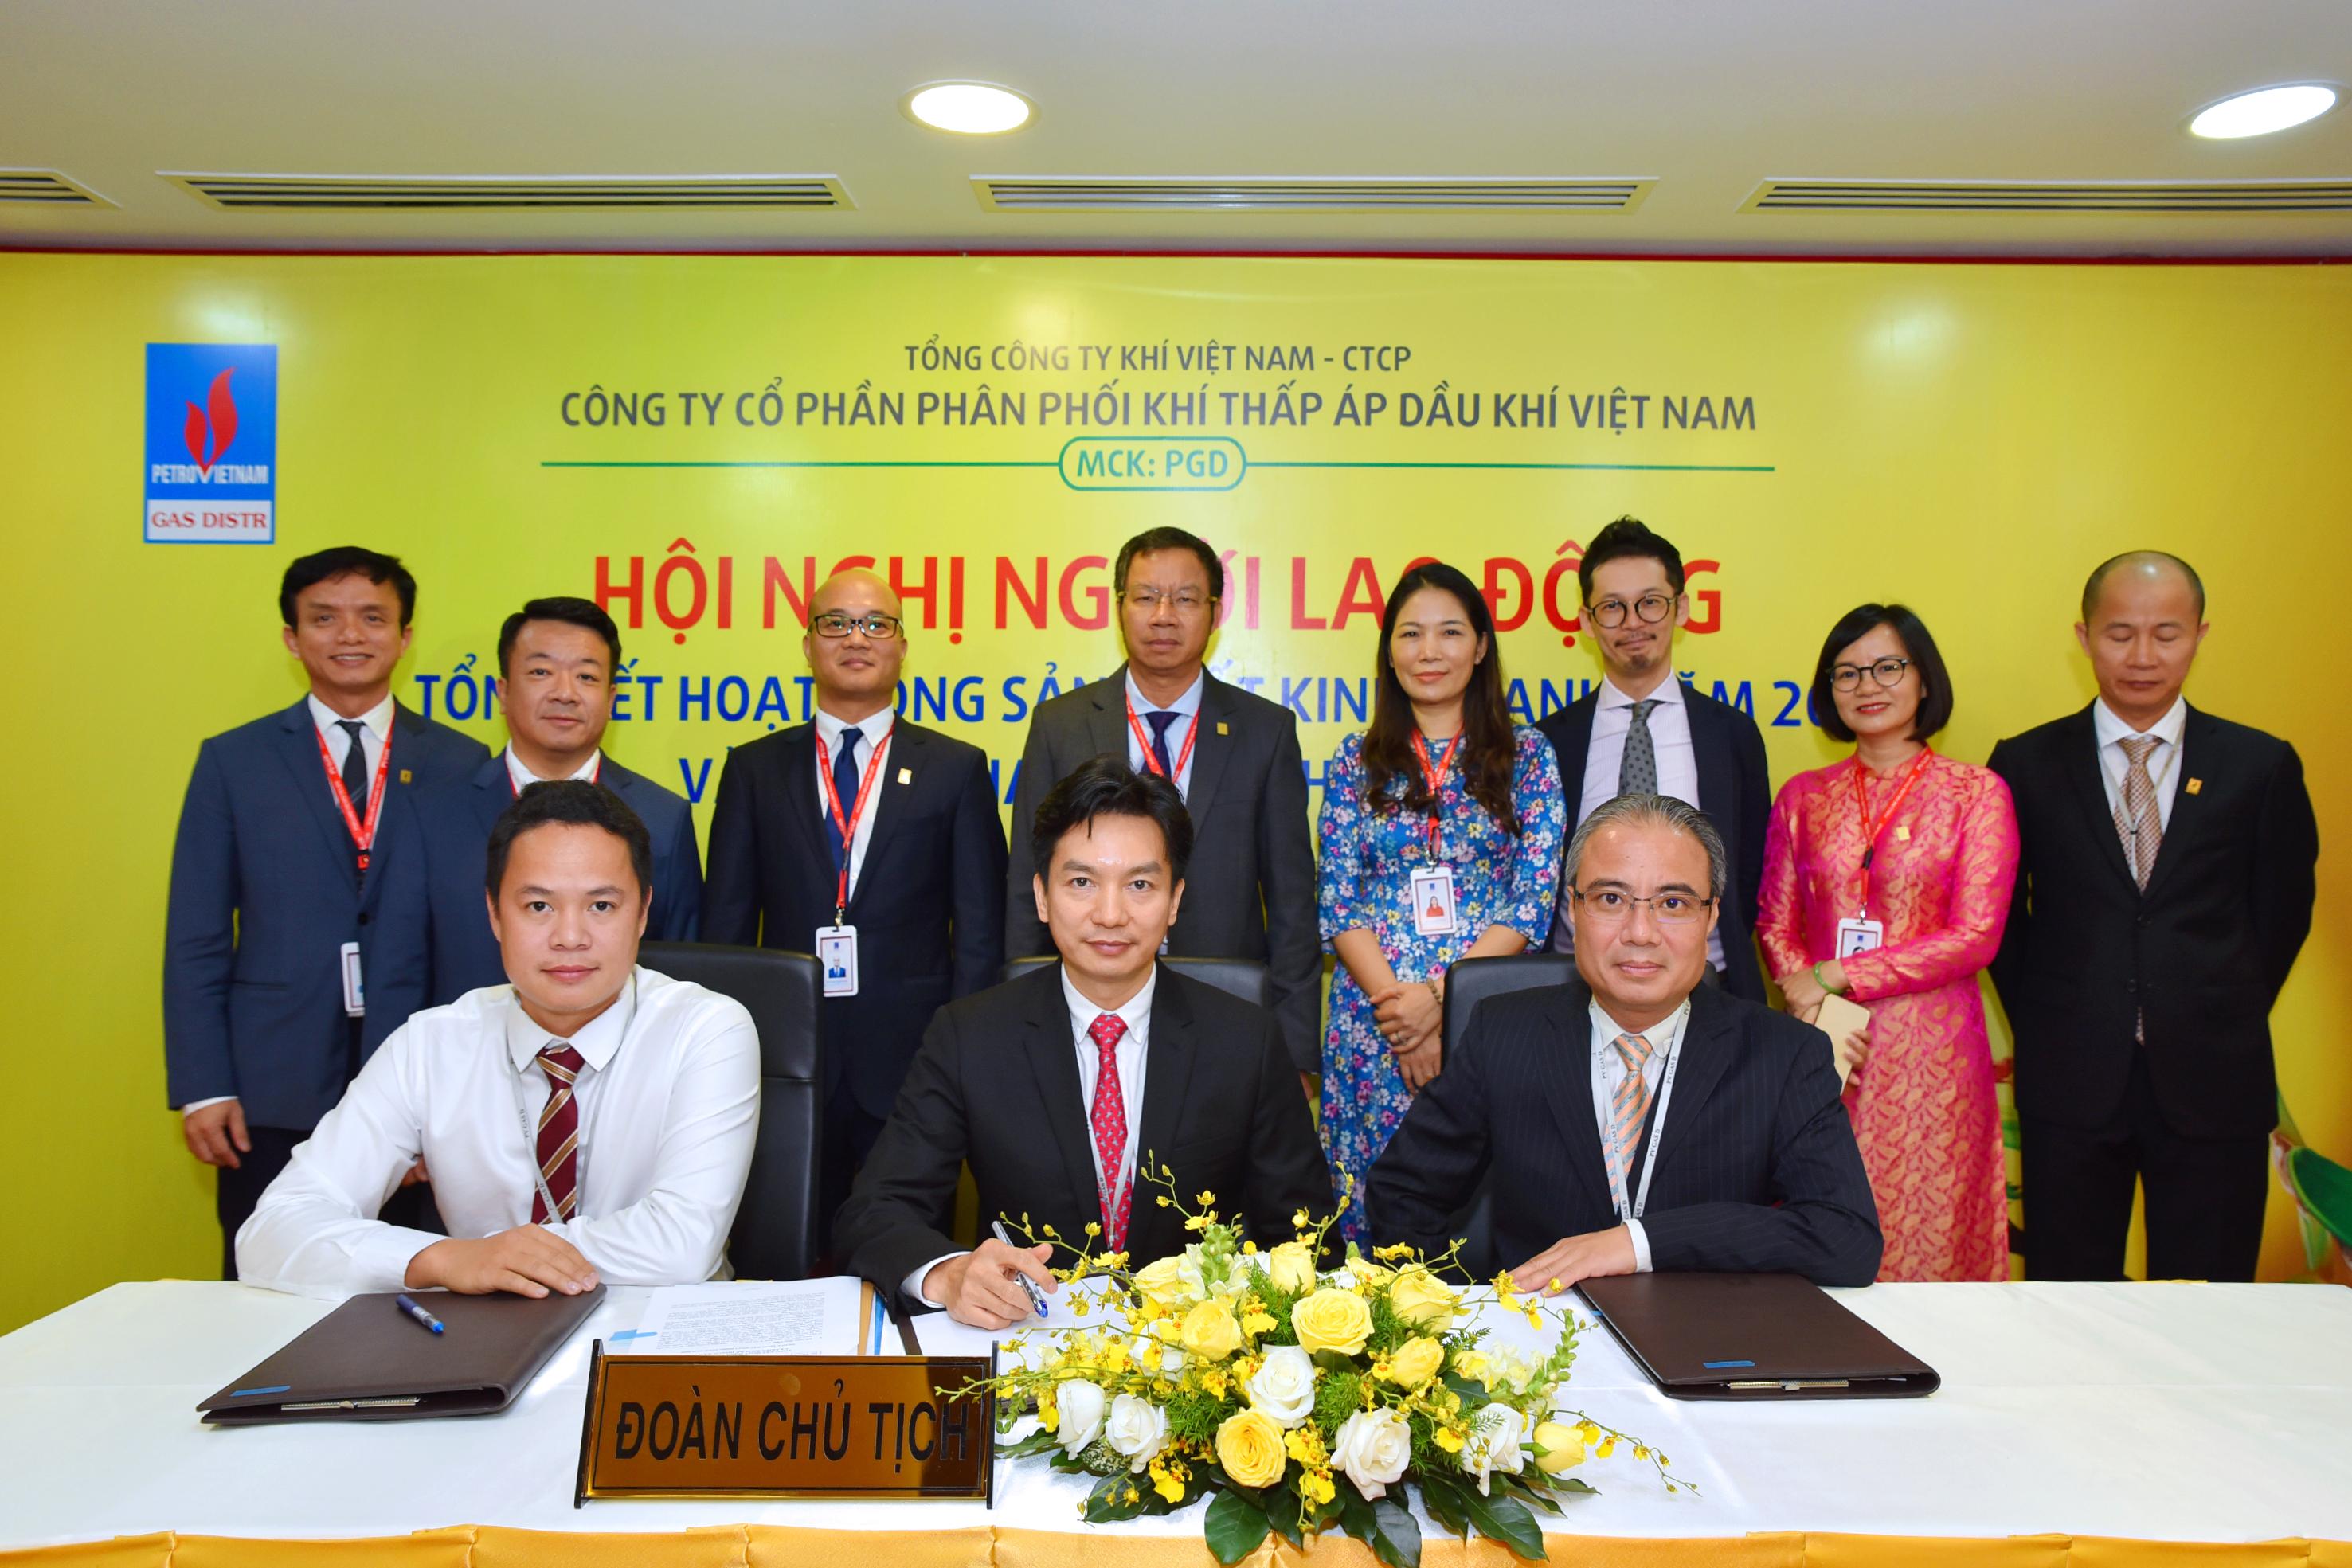 Công ty CP Phân phối Khí thấp áp Dầu khí Việt Nam: Cổ đông lớn mua thêm cổ phiếu